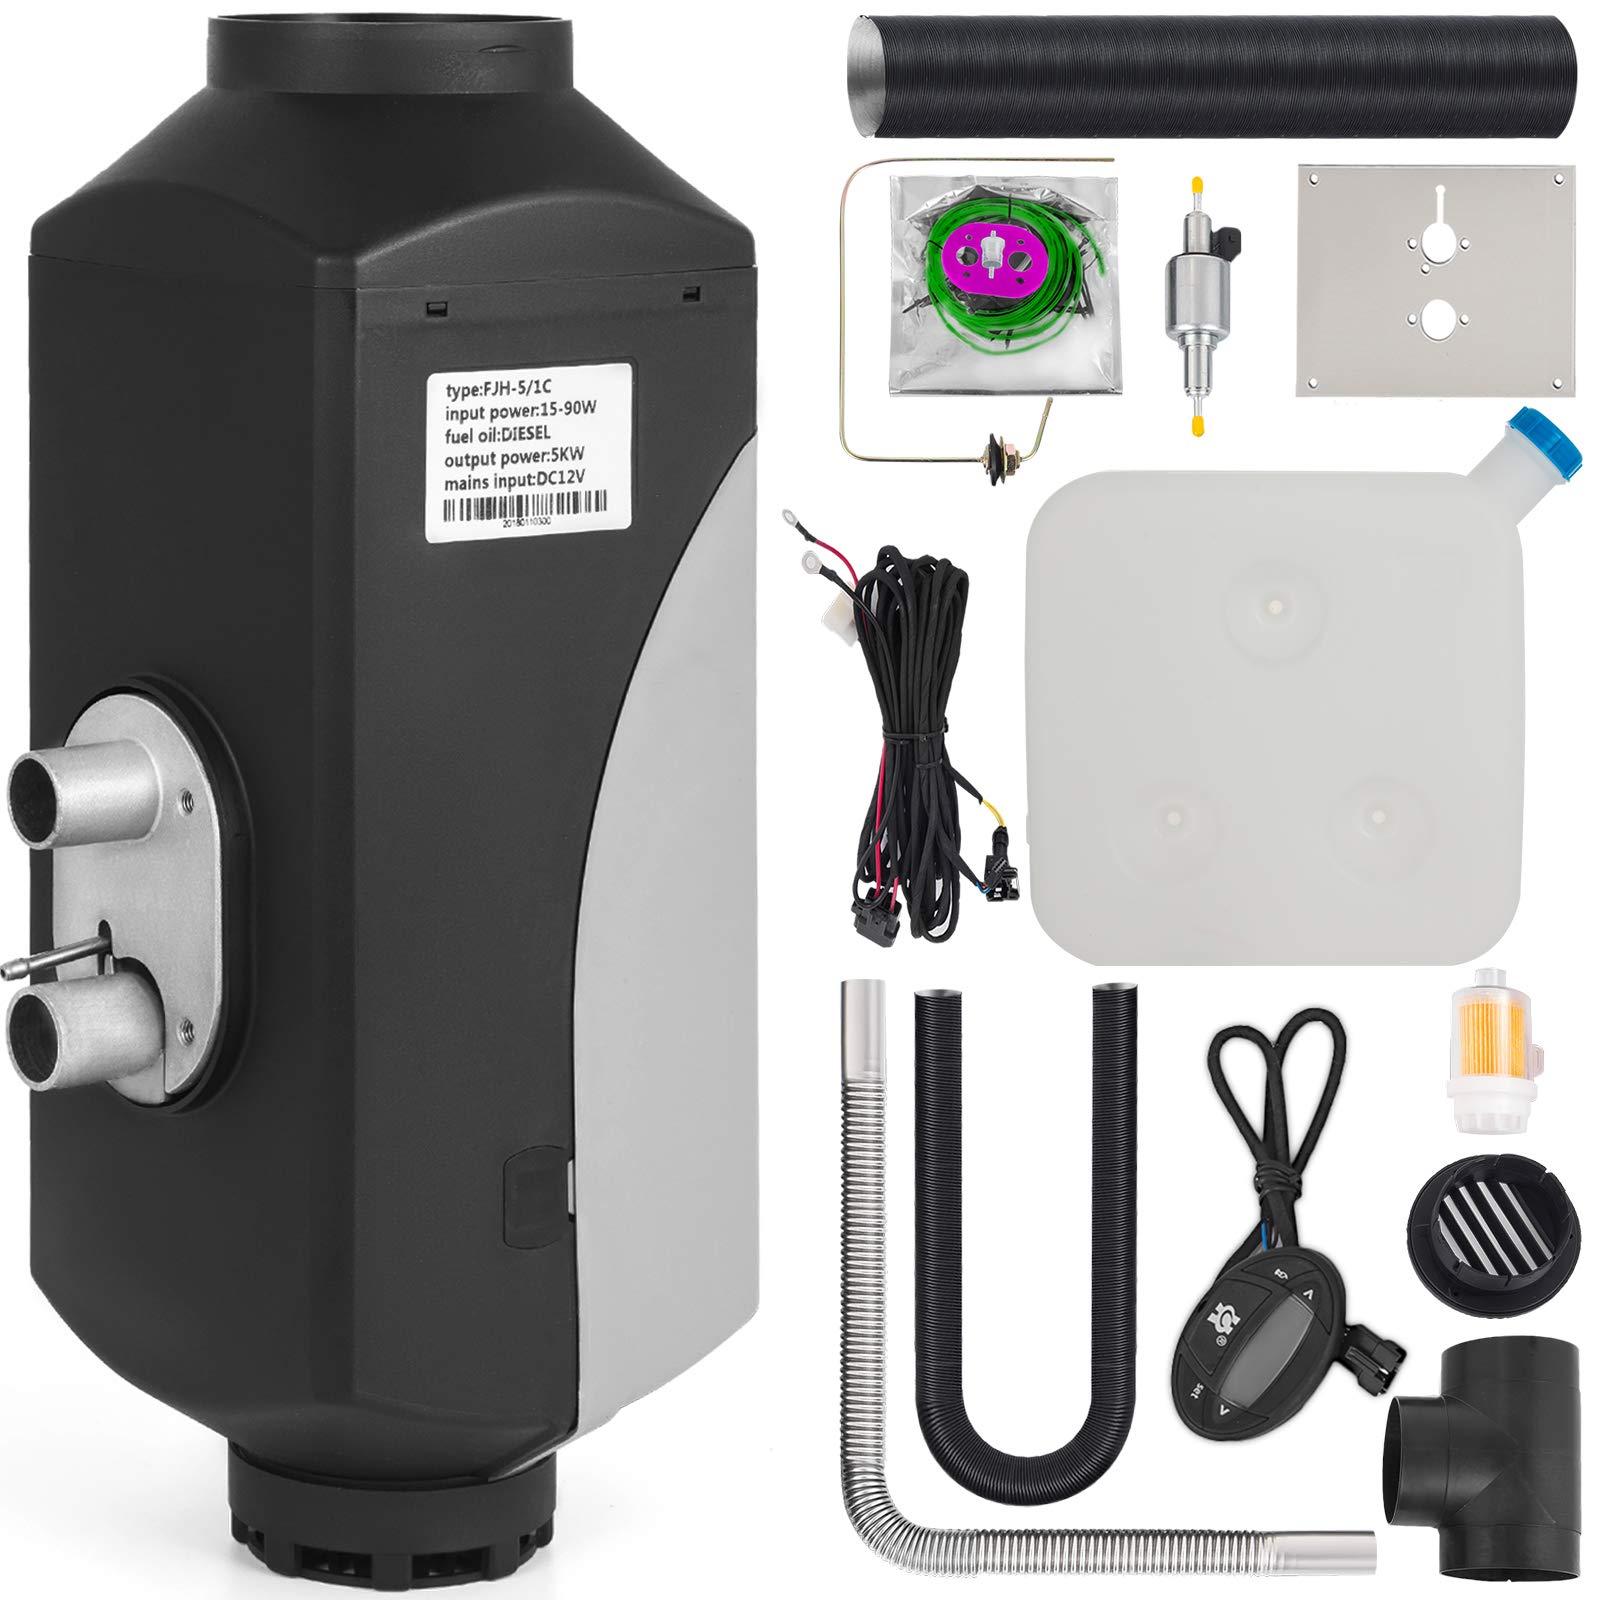 Mophorn Air Diesel Parking Heater 12V 4KW Diesel Heater Parking Heater 7 Day Timer Digital